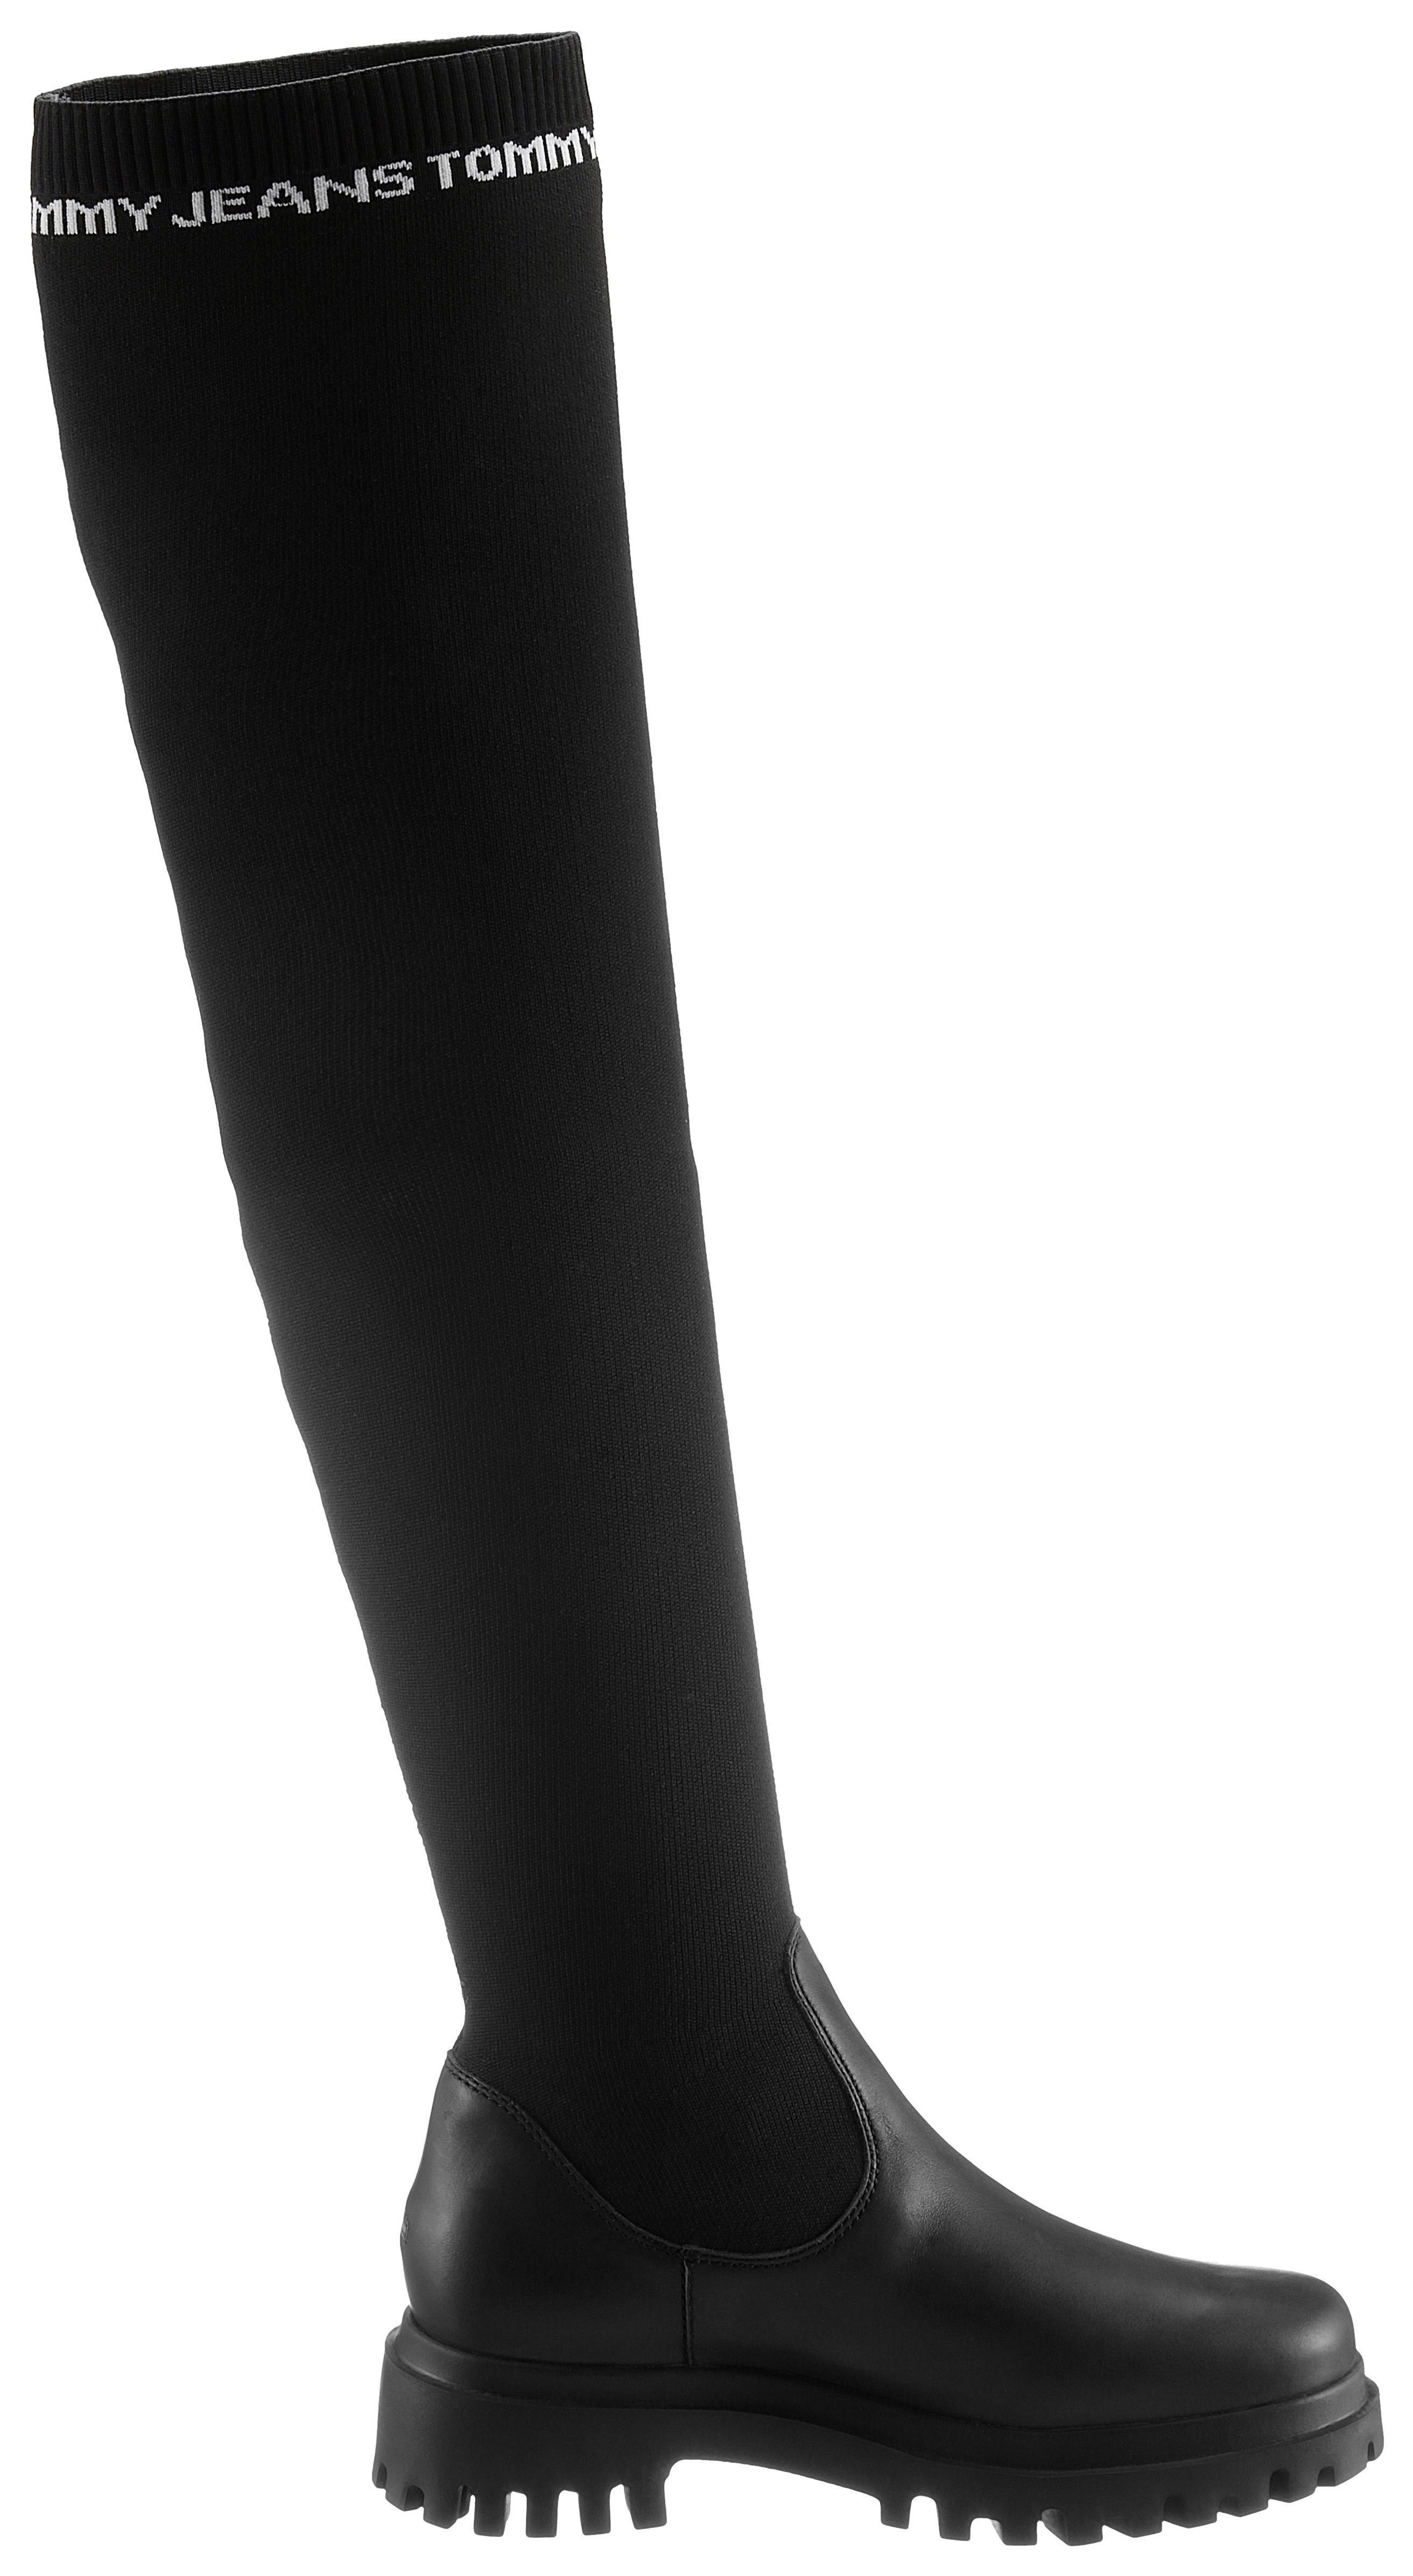 TOMMY JEANS overknee-laarzen »TOMMY JEANS OVER THE KNEE BOOT« in de webshop van OTTO kopen